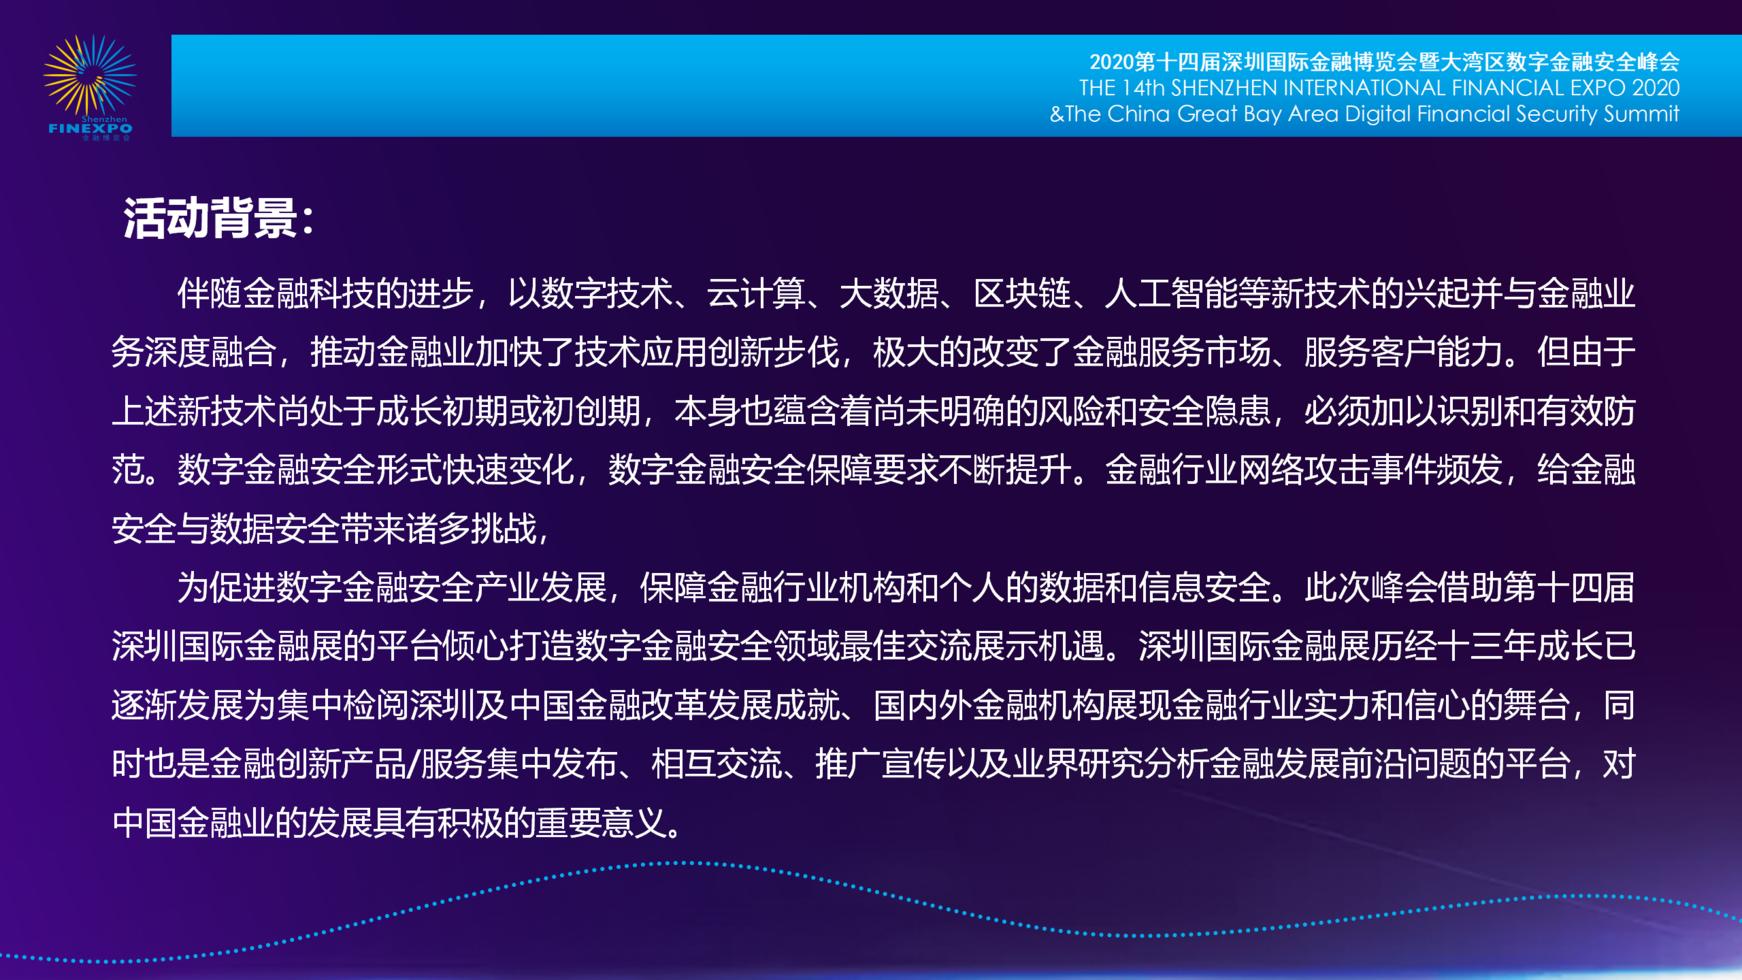 2020数字金融安全峰邀请函_03.png